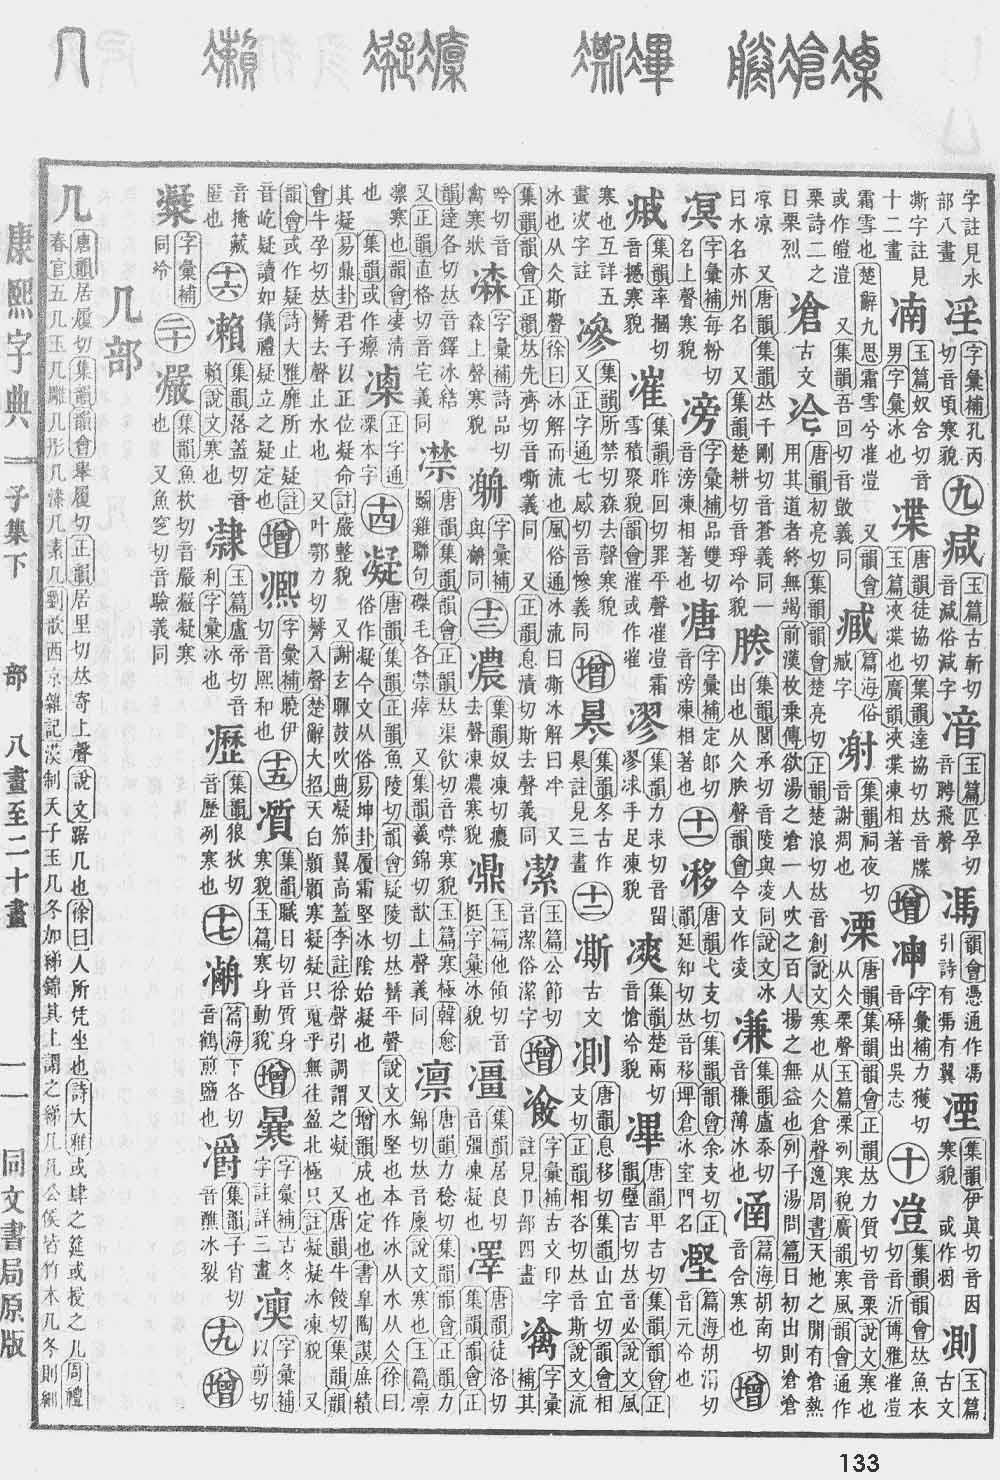 《康熙字典》第133页